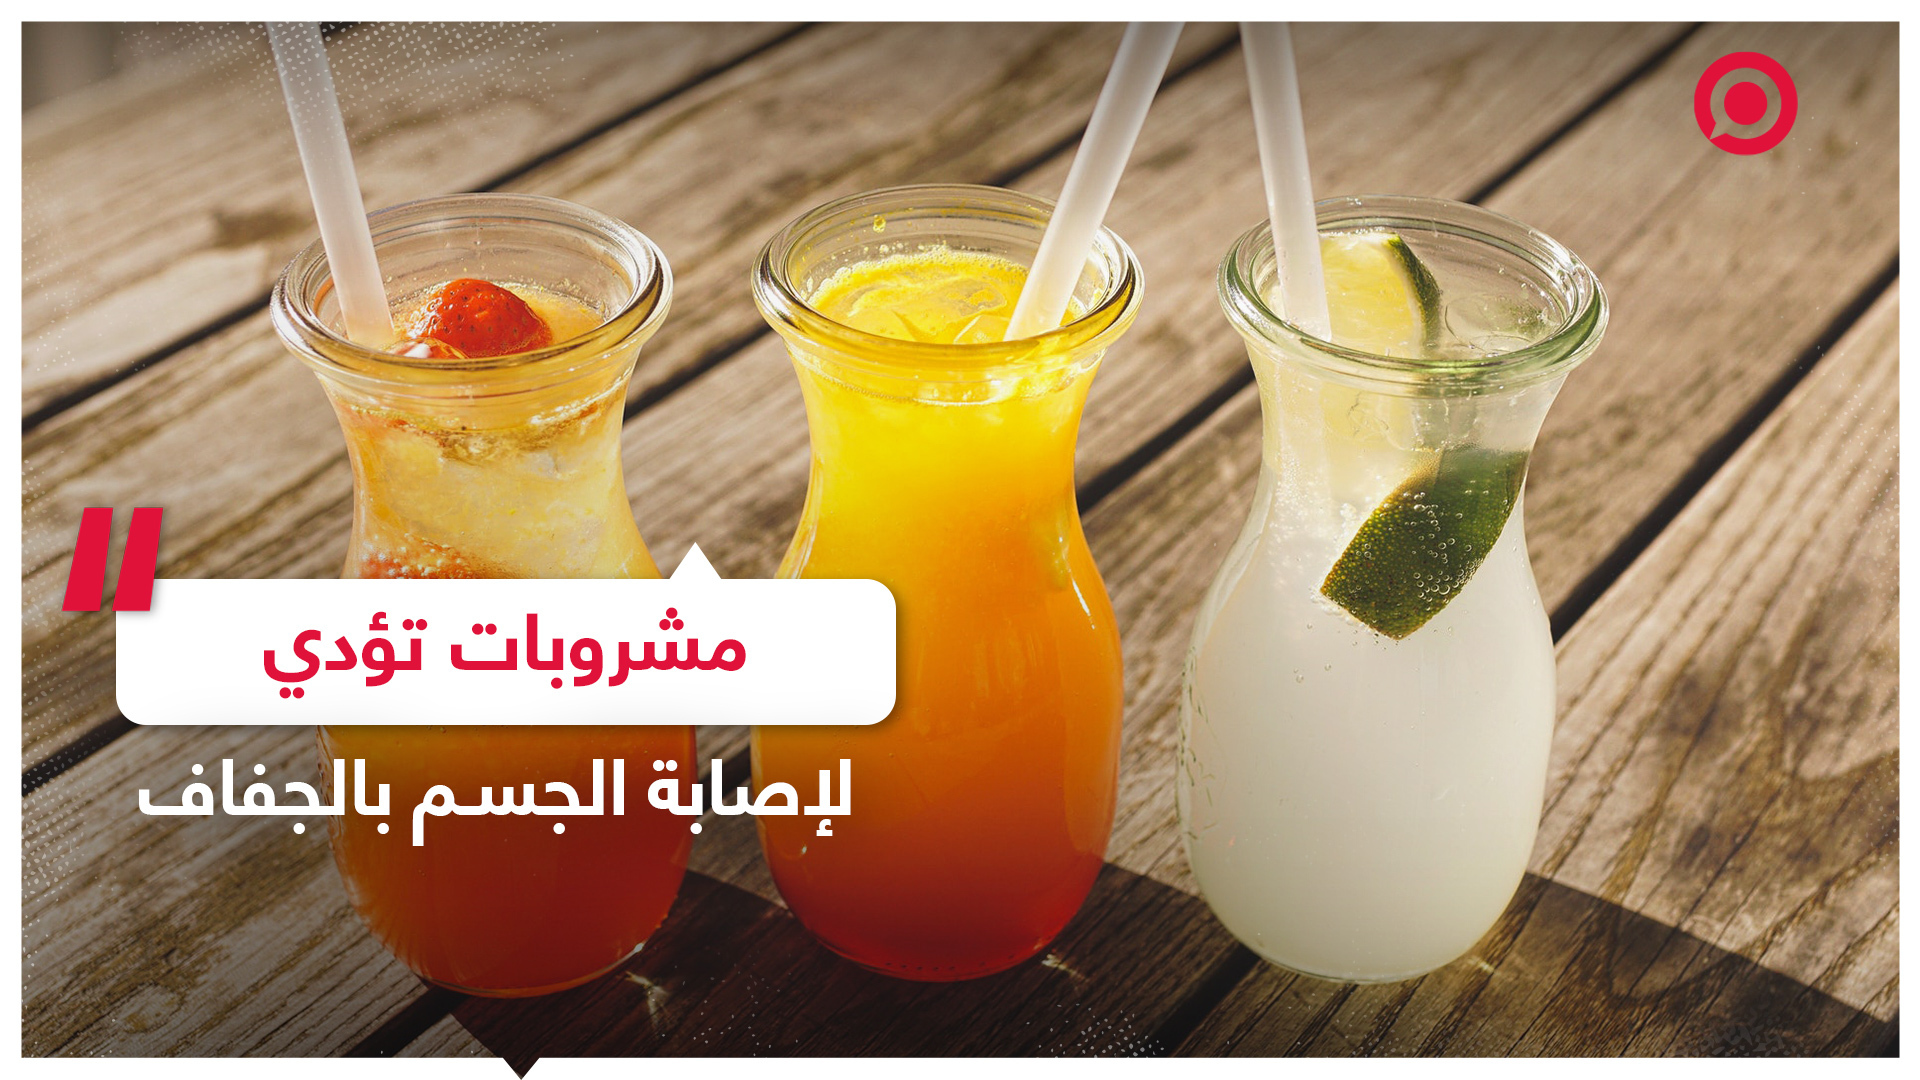 3 مشروبات قد تؤدي لإصابة الجسم بالجفاف